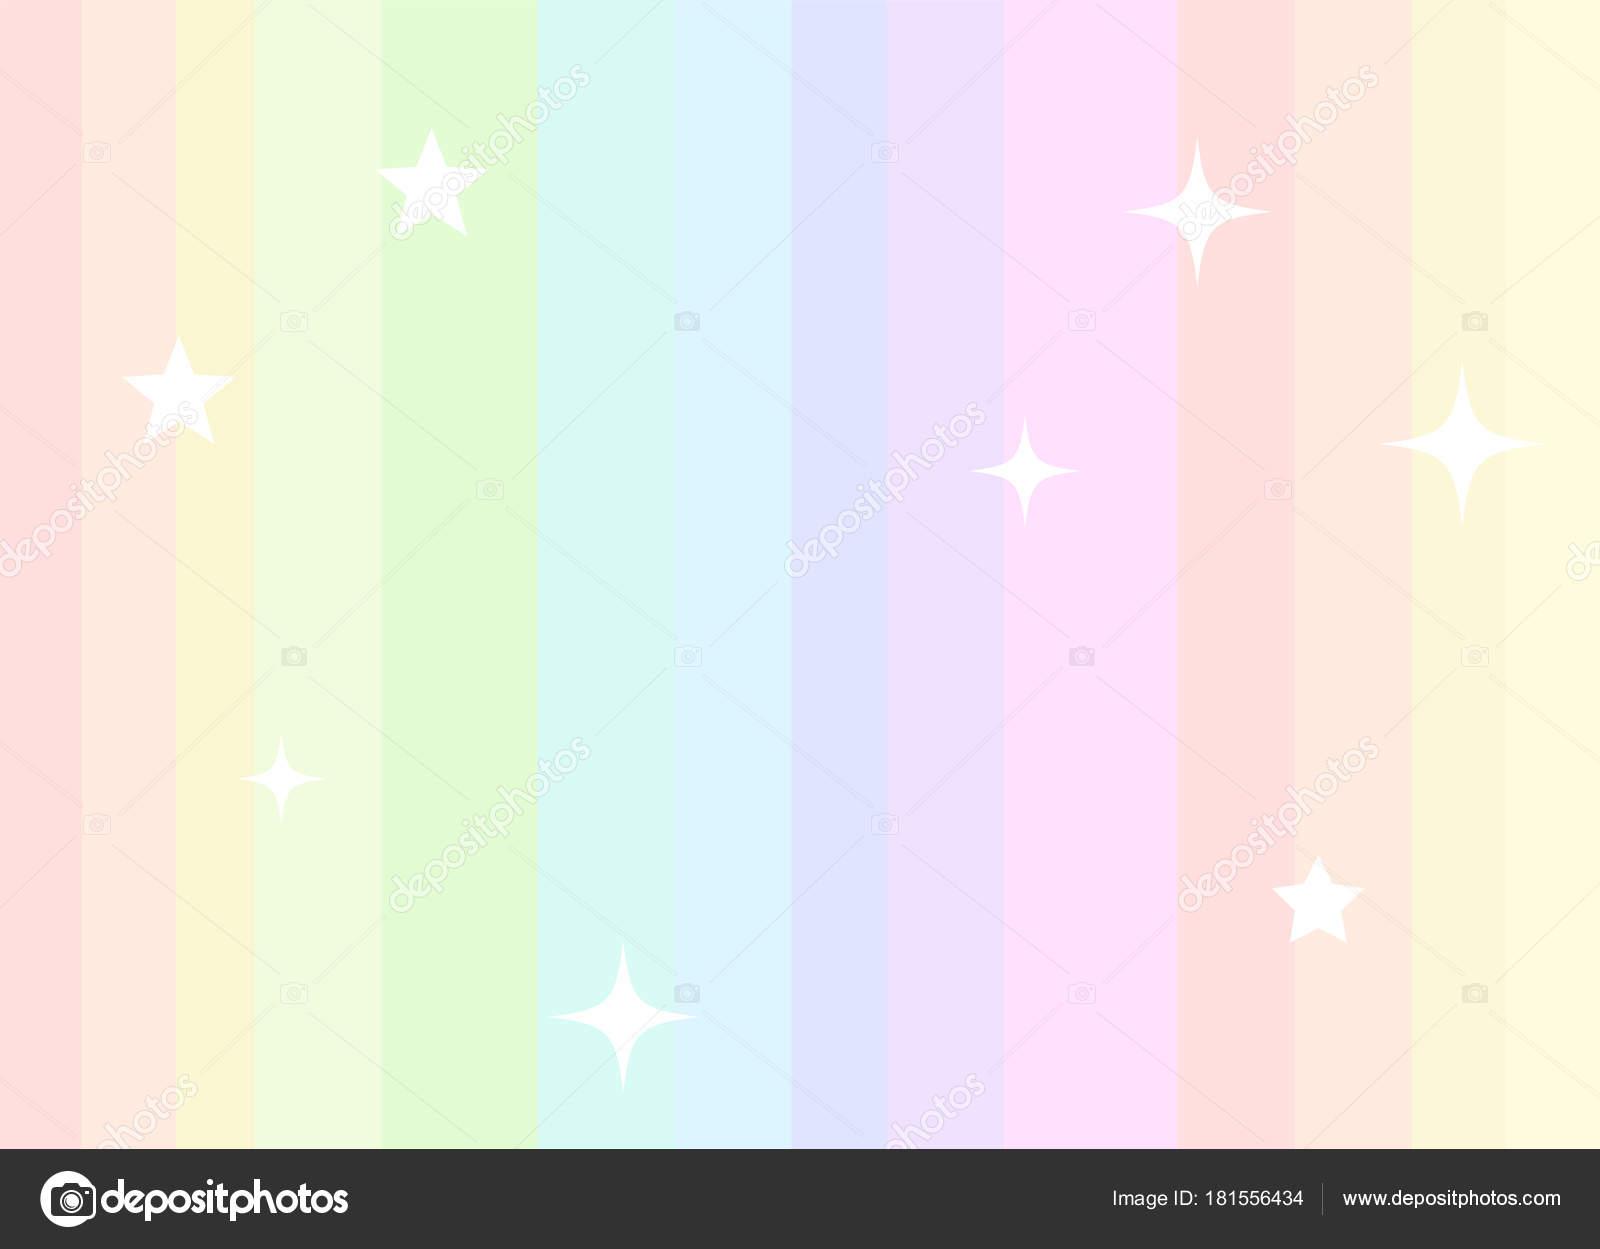 Fondo De Unicornio Con Arcoiris En Colores Pastel Vector